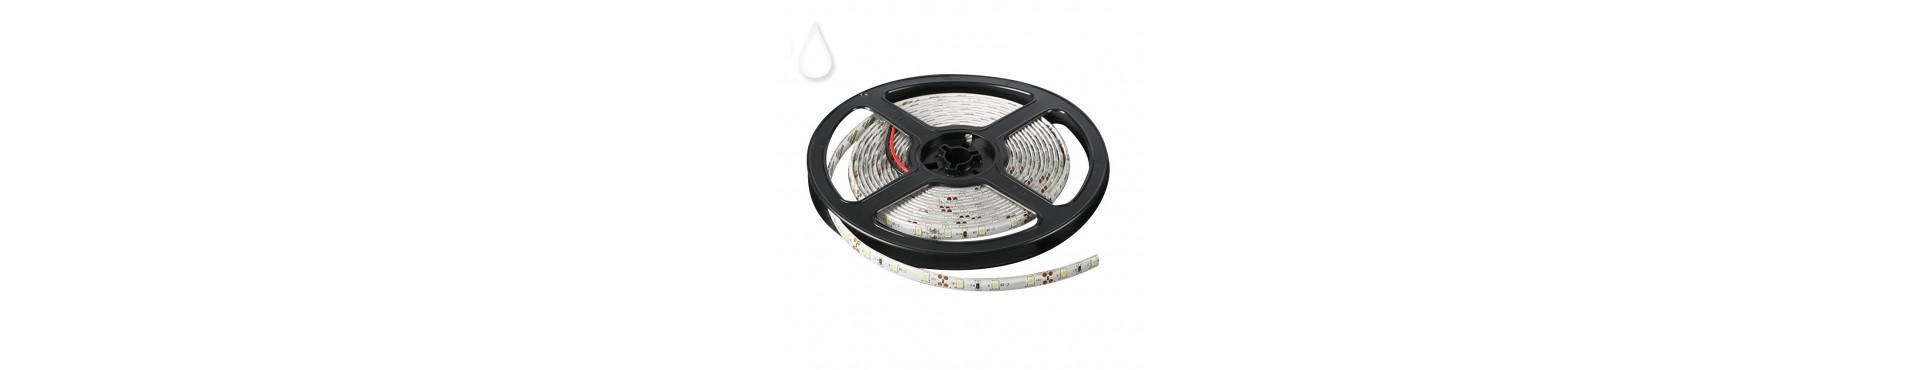 Vandtætte LED bånd - 12V LED bånd der holder til vind og vejr